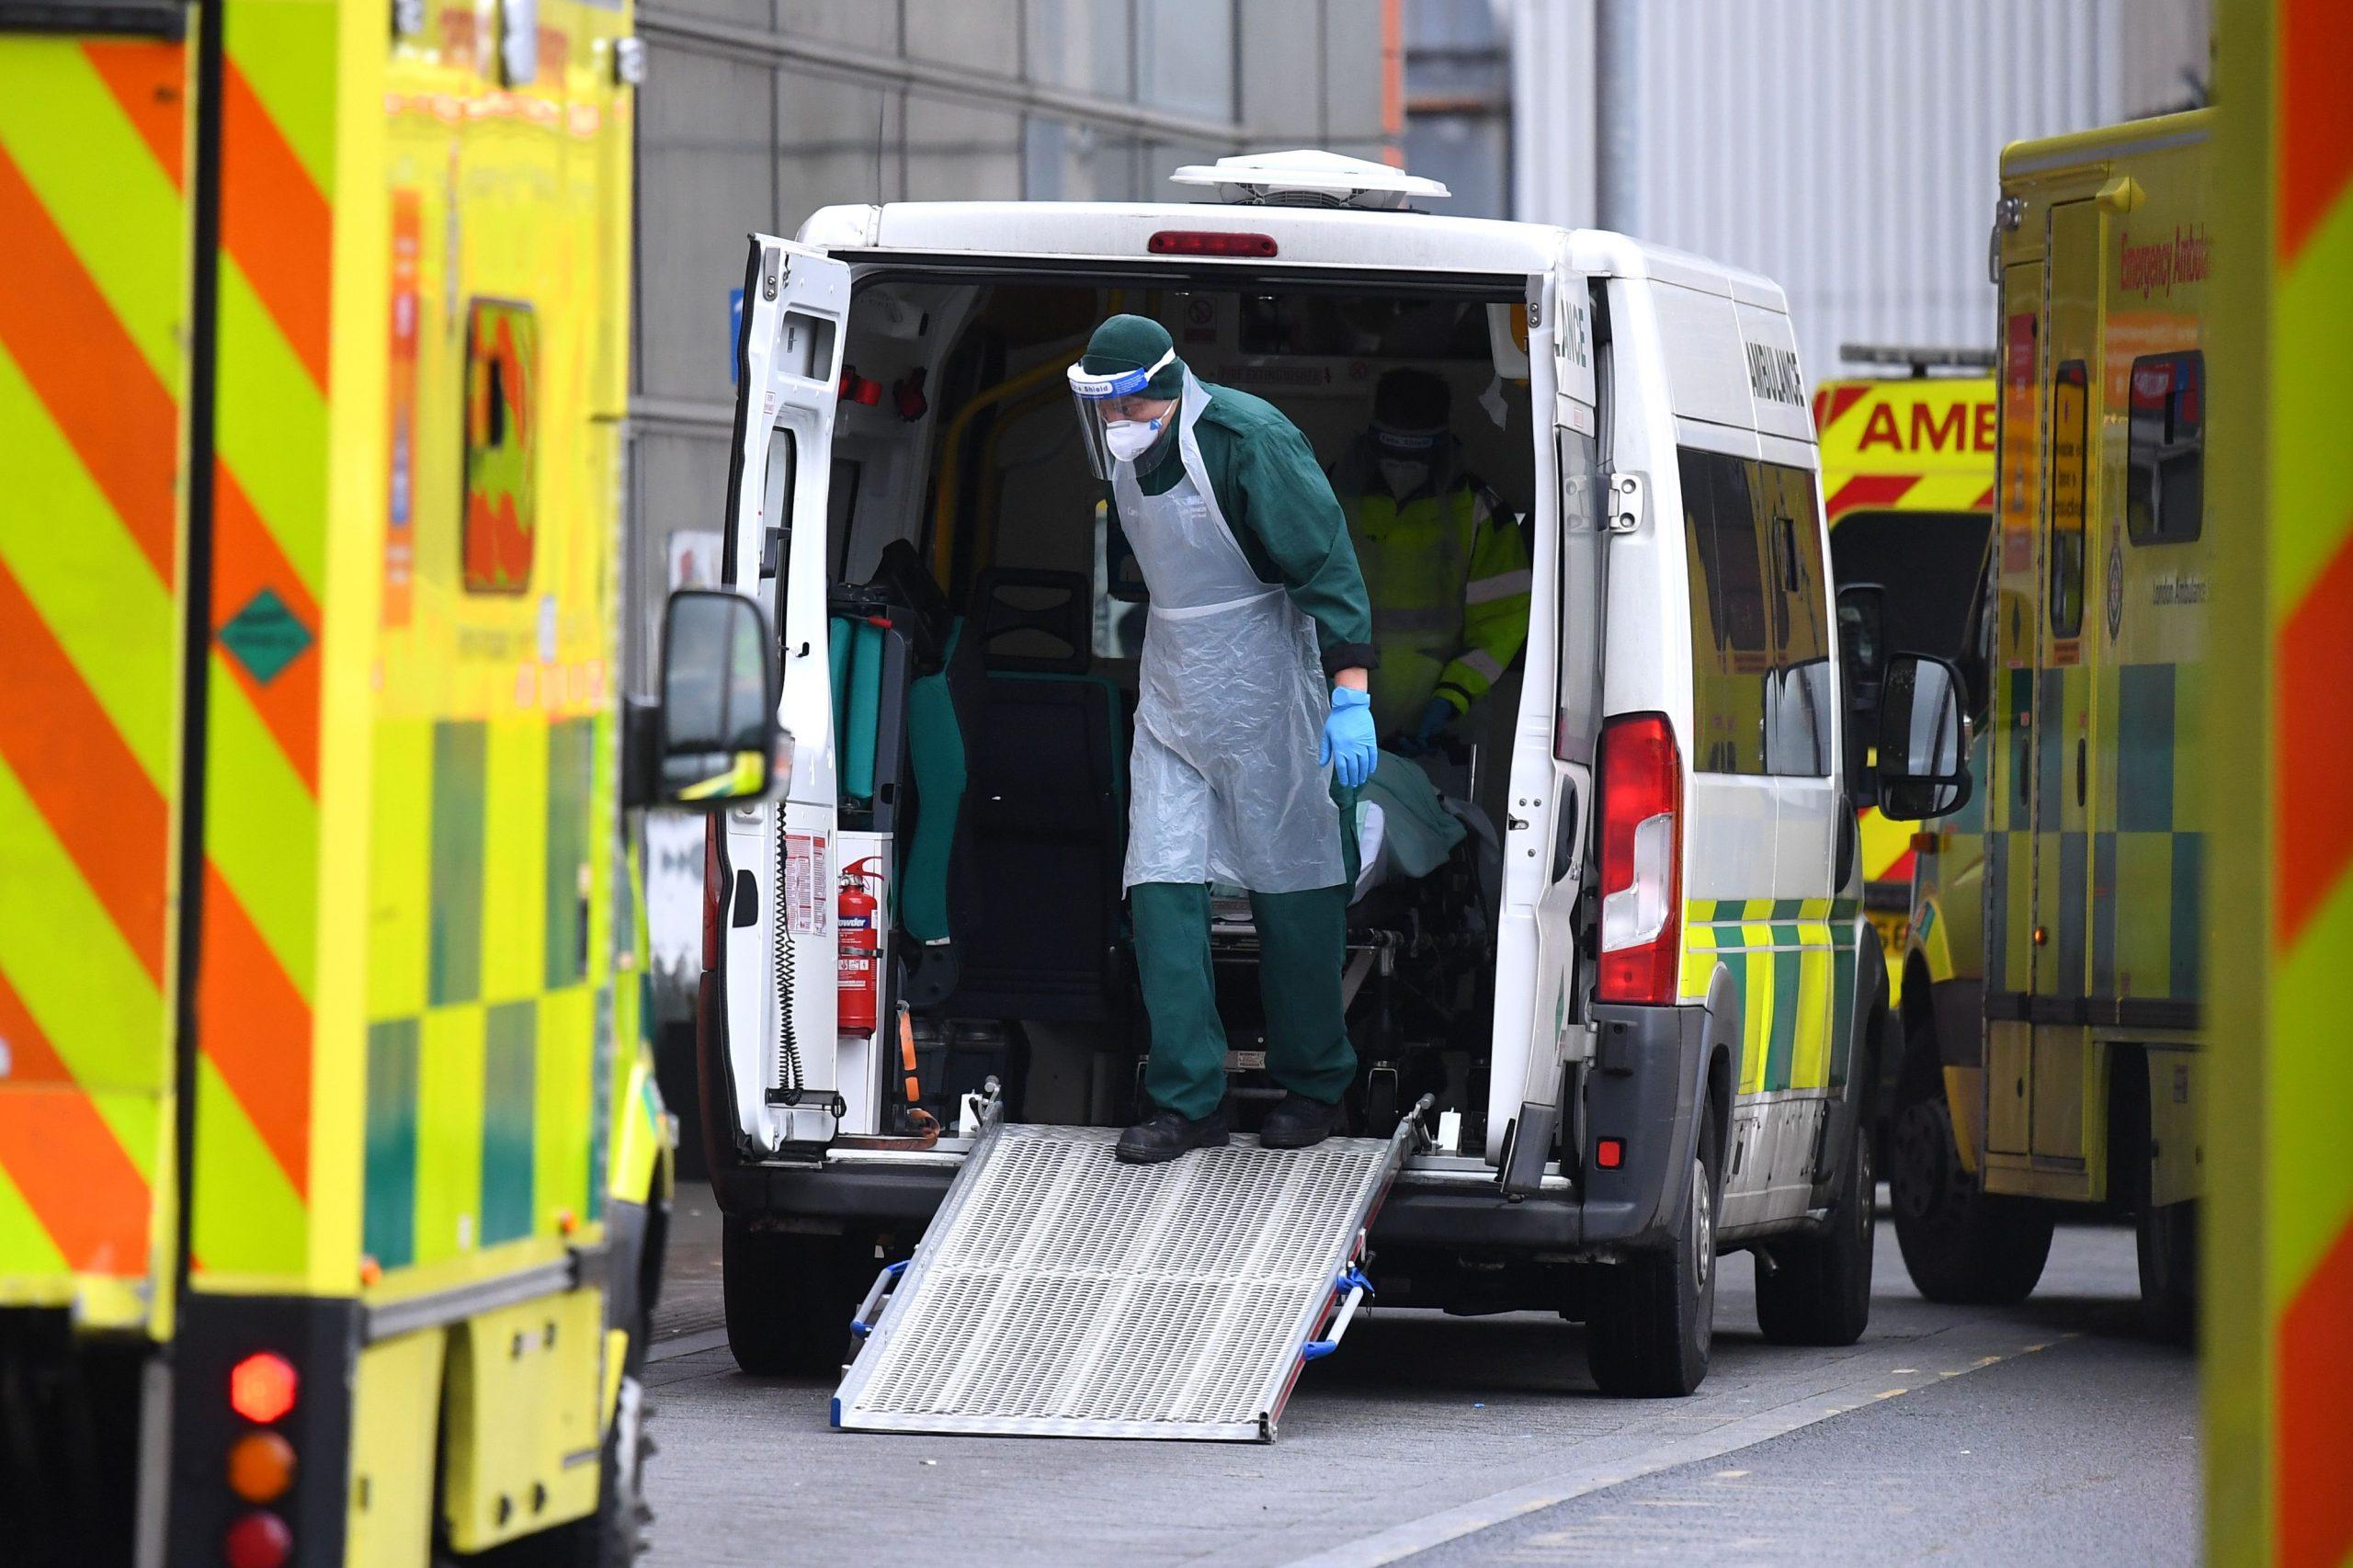 Ambulances with patients arrive at Royal London